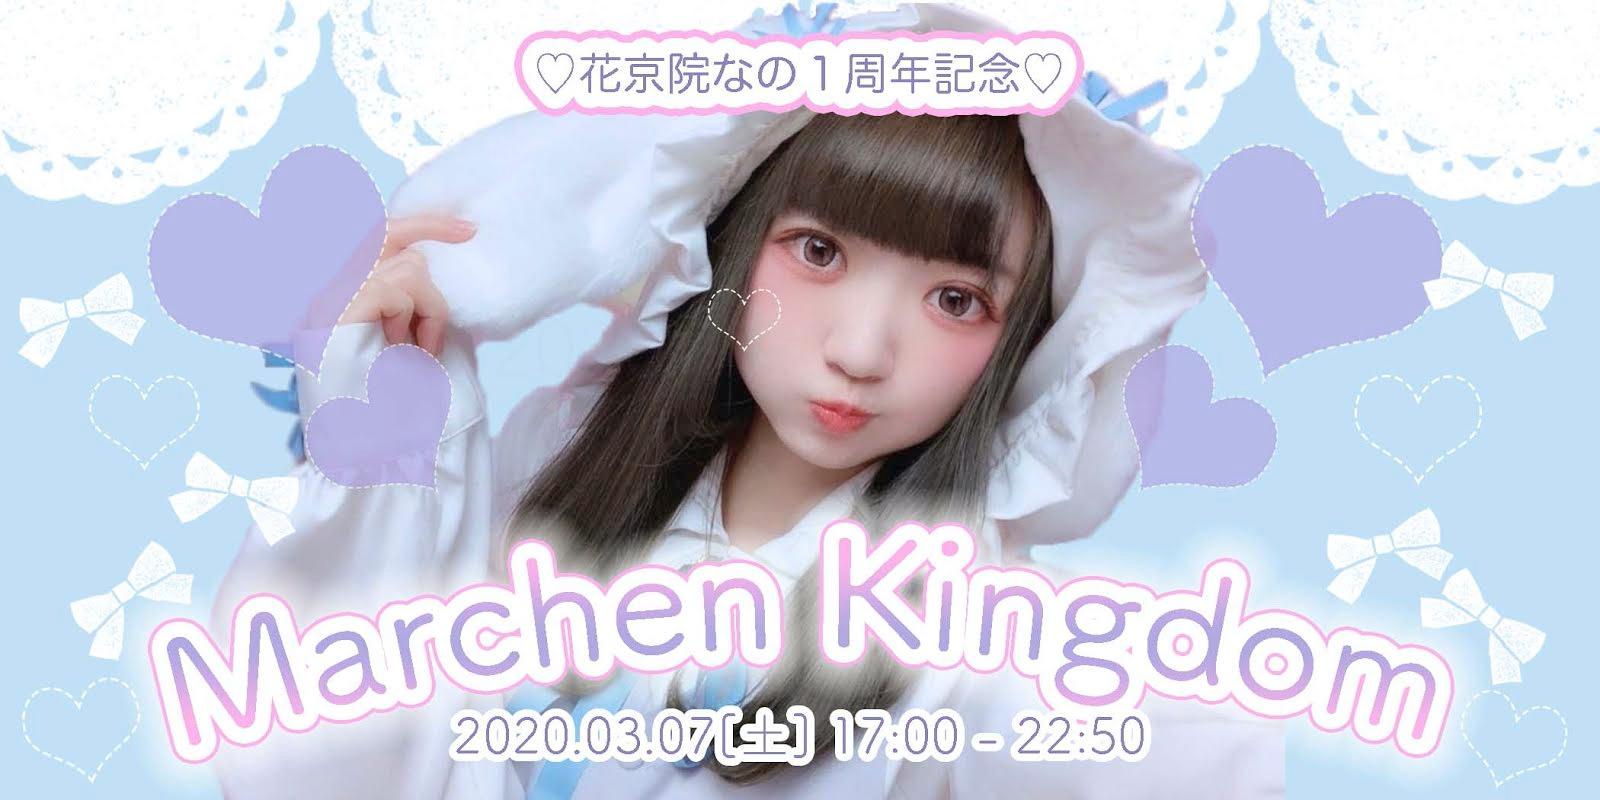 花京院なのアニバーサリーイベント Marchen kingdom ♡